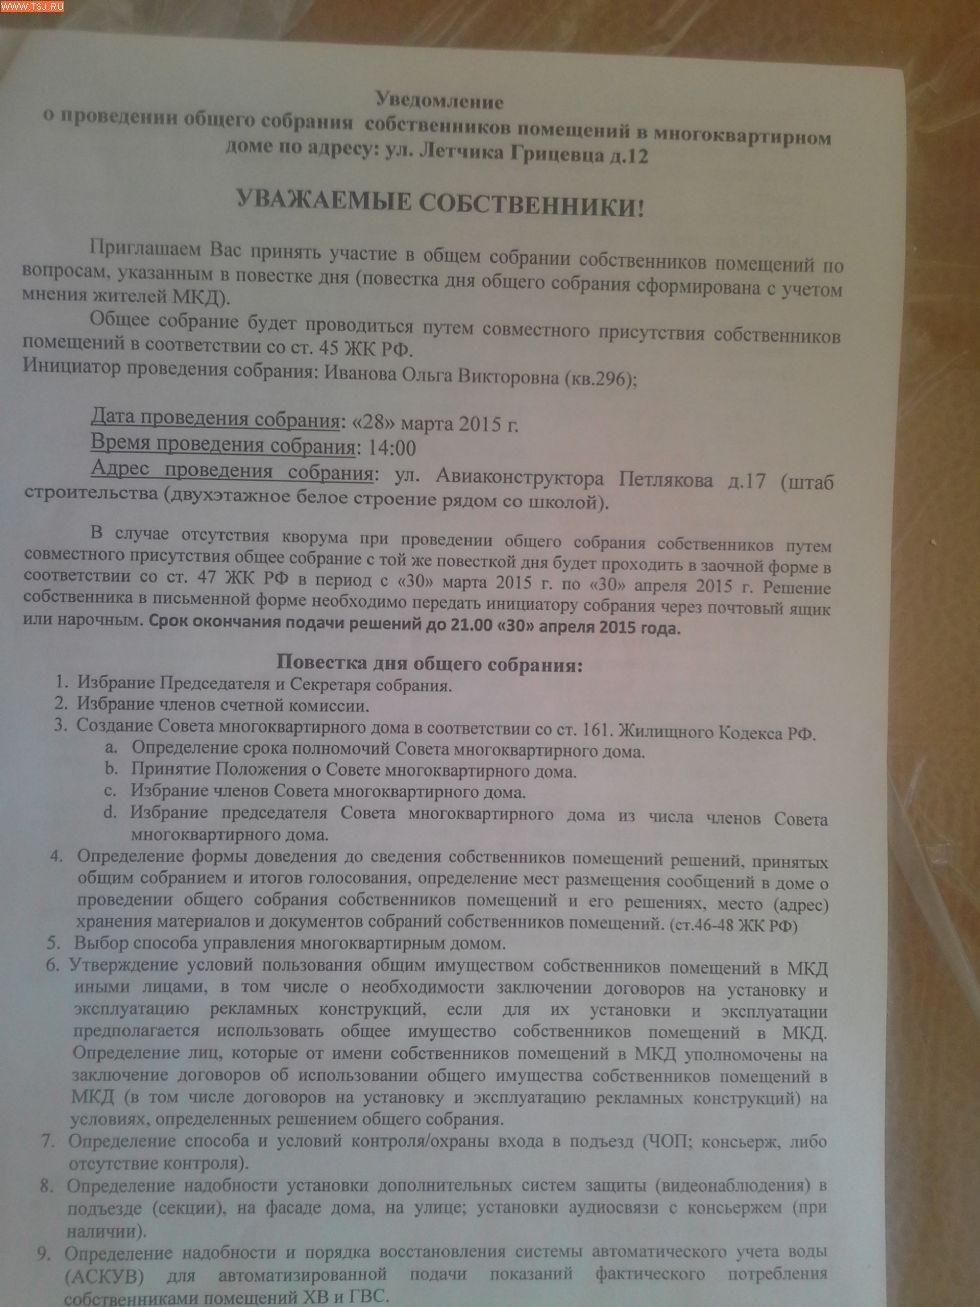 http://www.tsj.ru/imgrubrs.asp?art_id=56705